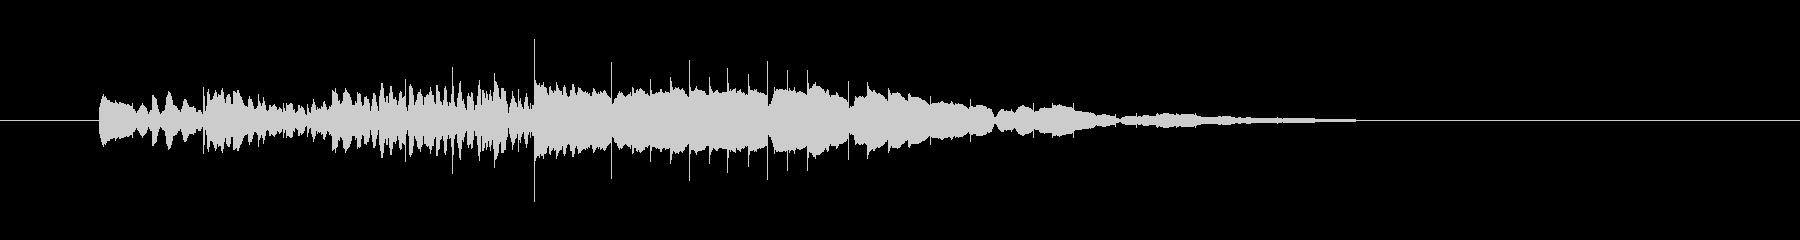 ピロロロロロロン(木琴の音、お知らせ音)の未再生の波形